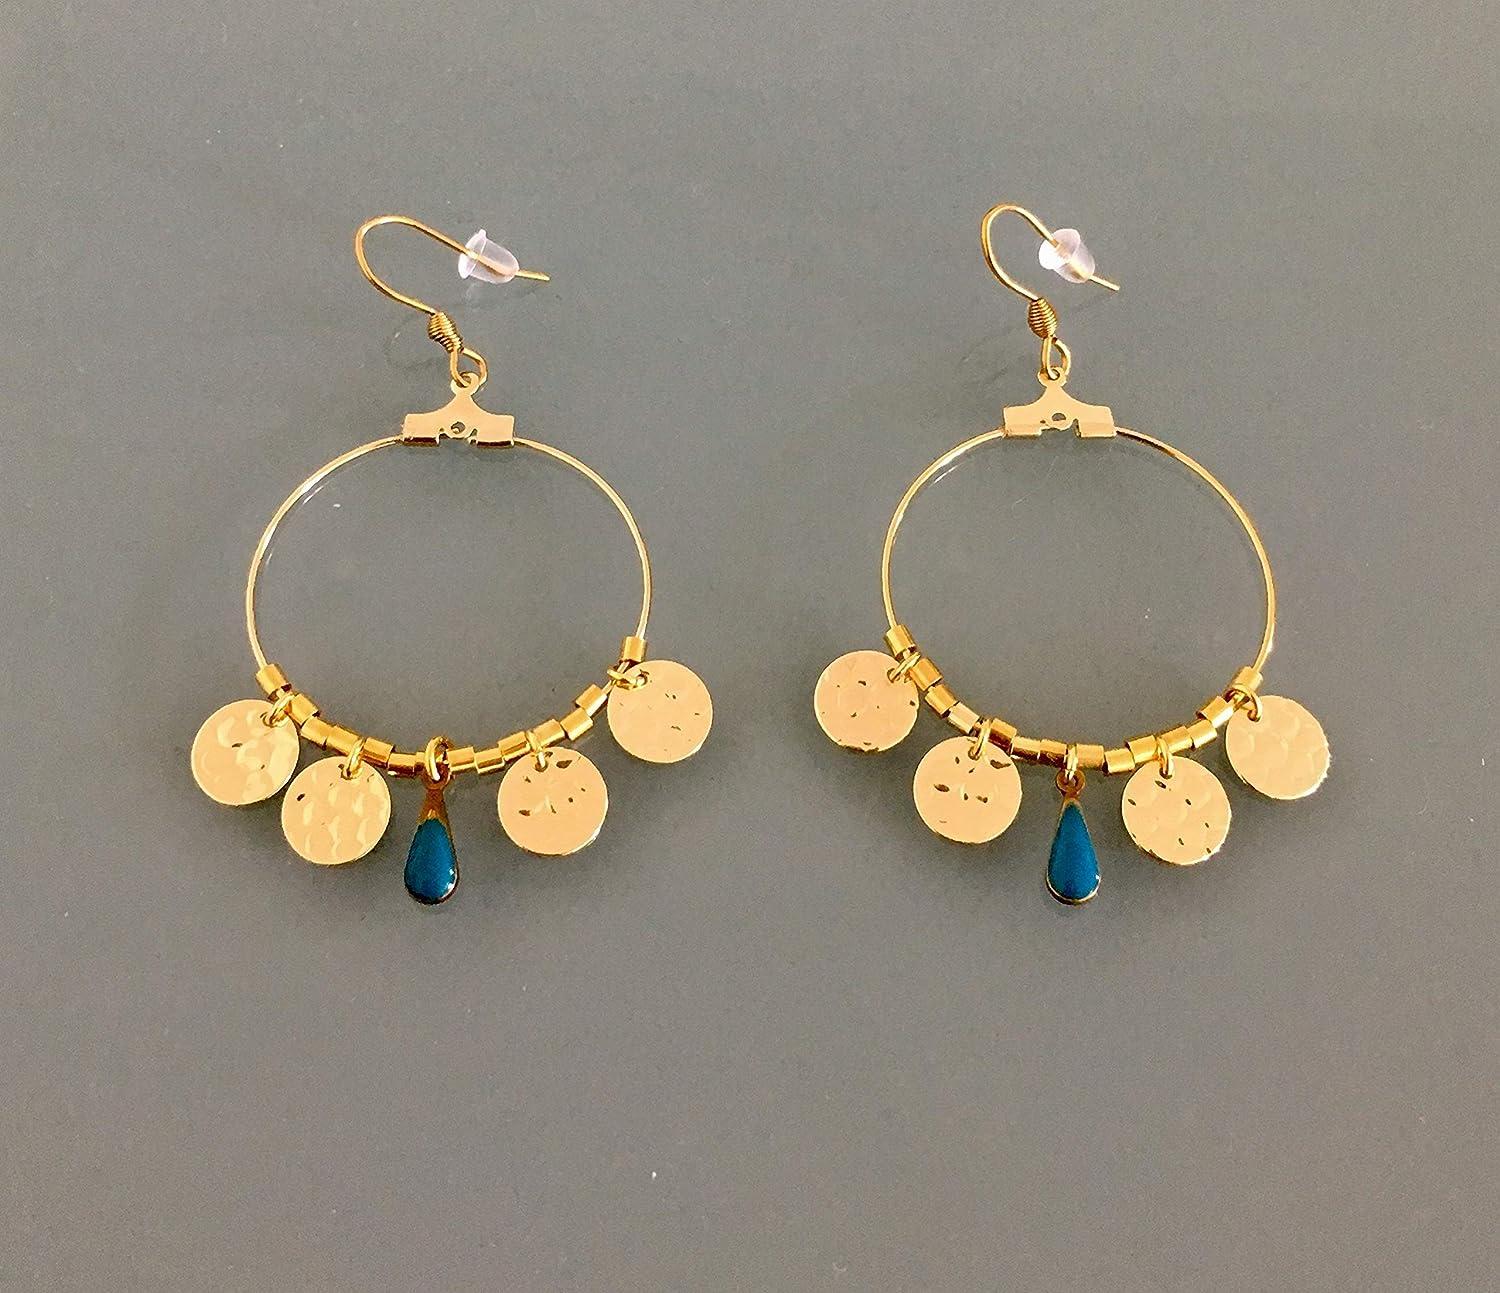 Goldene kreolische Ohrringe, Creolen mit Anhänger und Steinen, goldene Ringe, Goldschmuck, Frauen Geschenk, Geschenk Schmuck